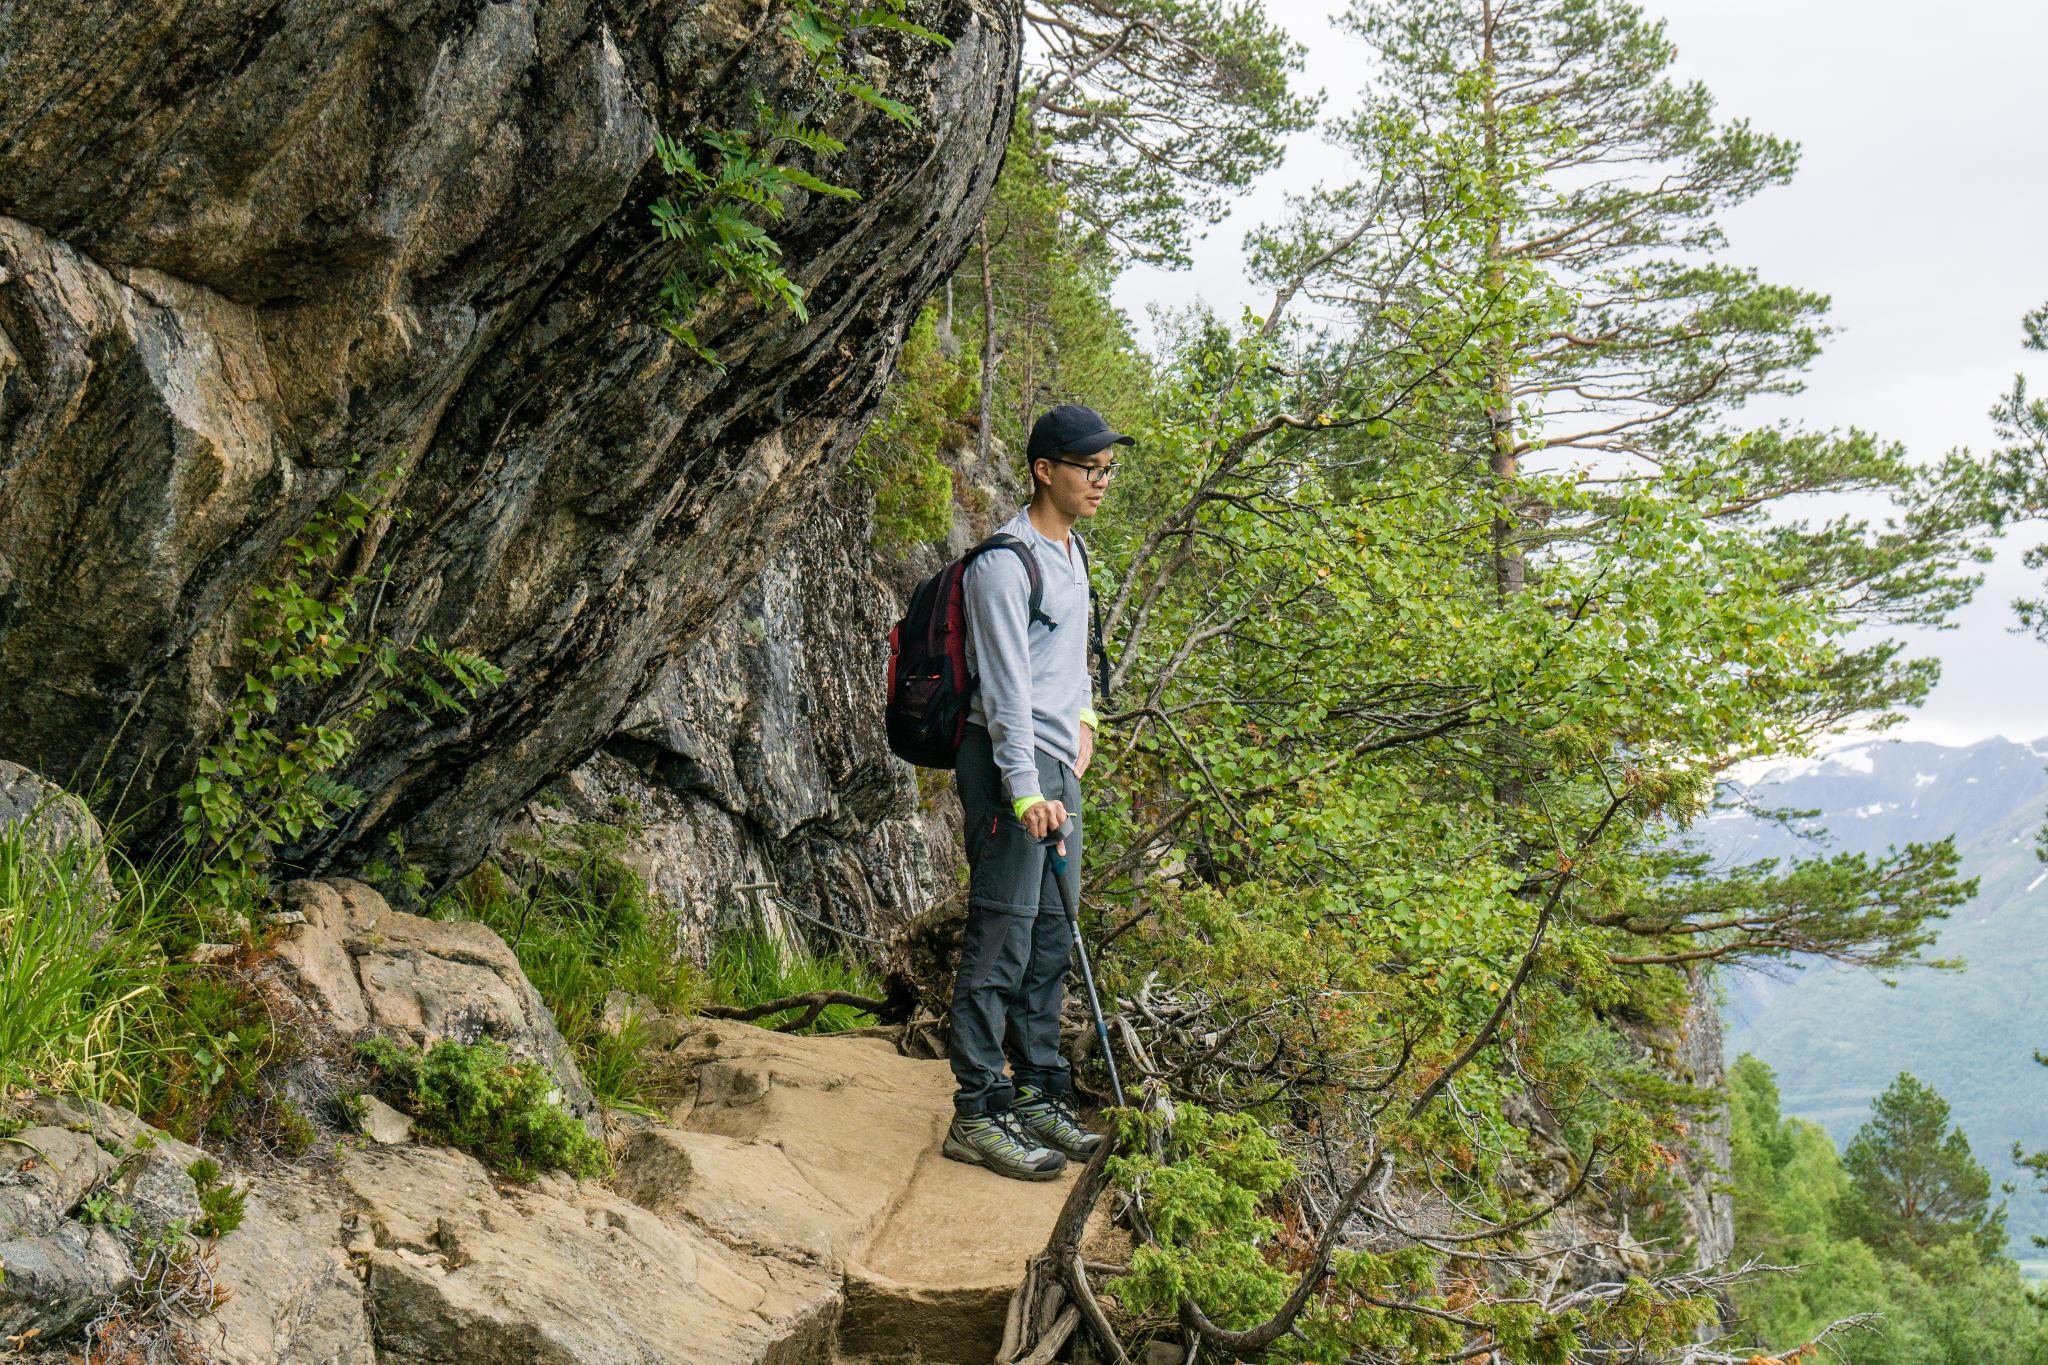 【北歐景點】峽灣區起點Åndalsnes健行 - 鳥瞰峽灣全景的Rampestreken觀景台 16